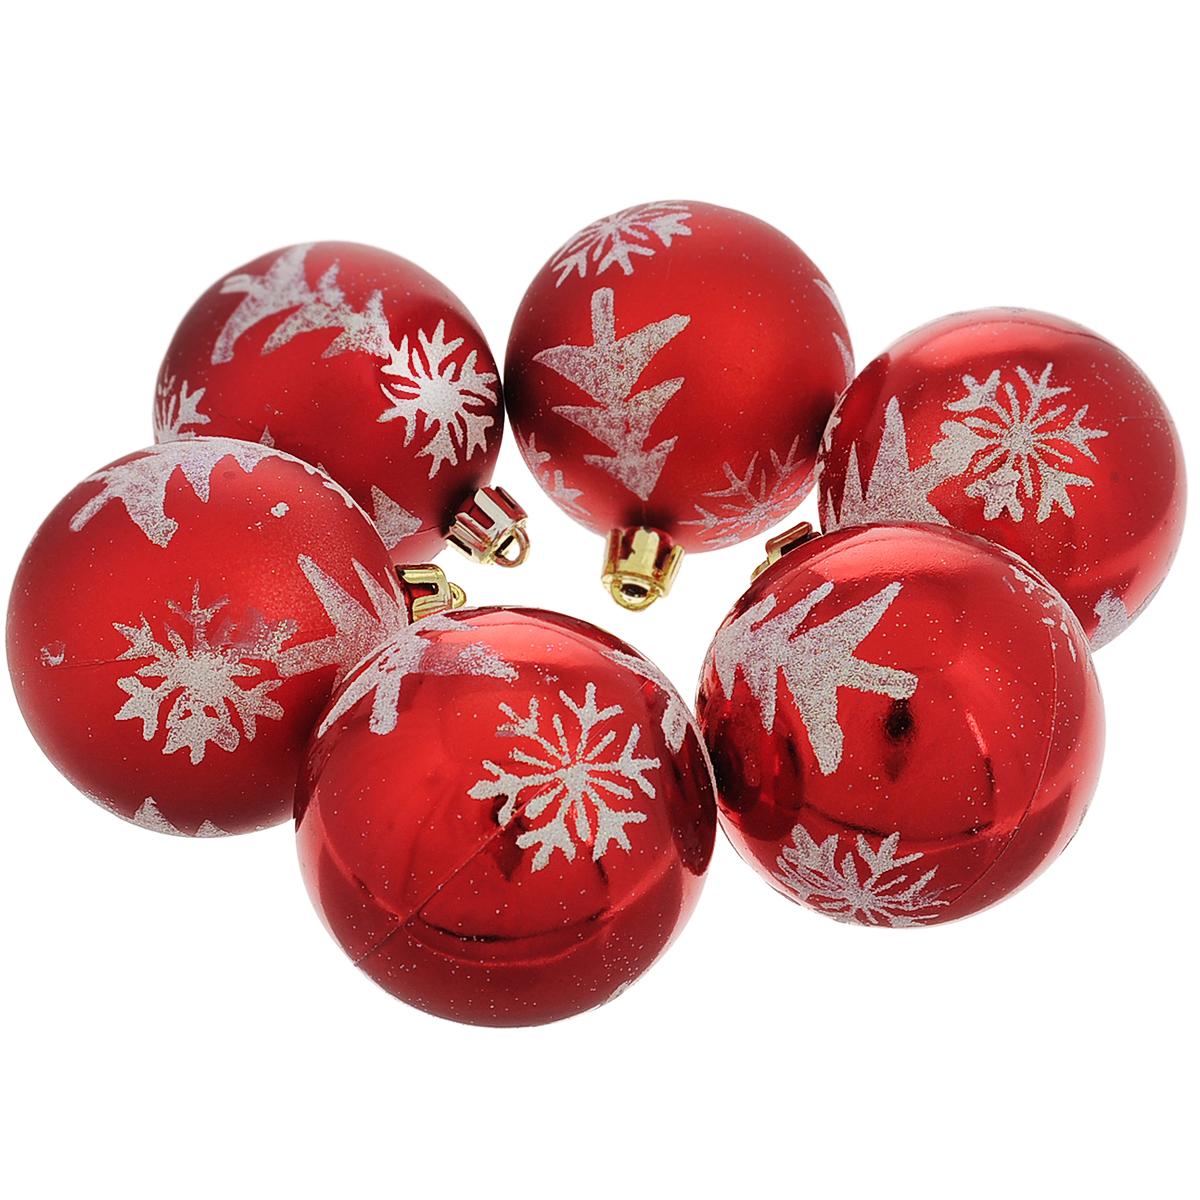 """Набор новогодних подвесных украшений """"Шар"""", цвет: красный, серебристый, диаметр 6 см, 6 шт. 35507"""